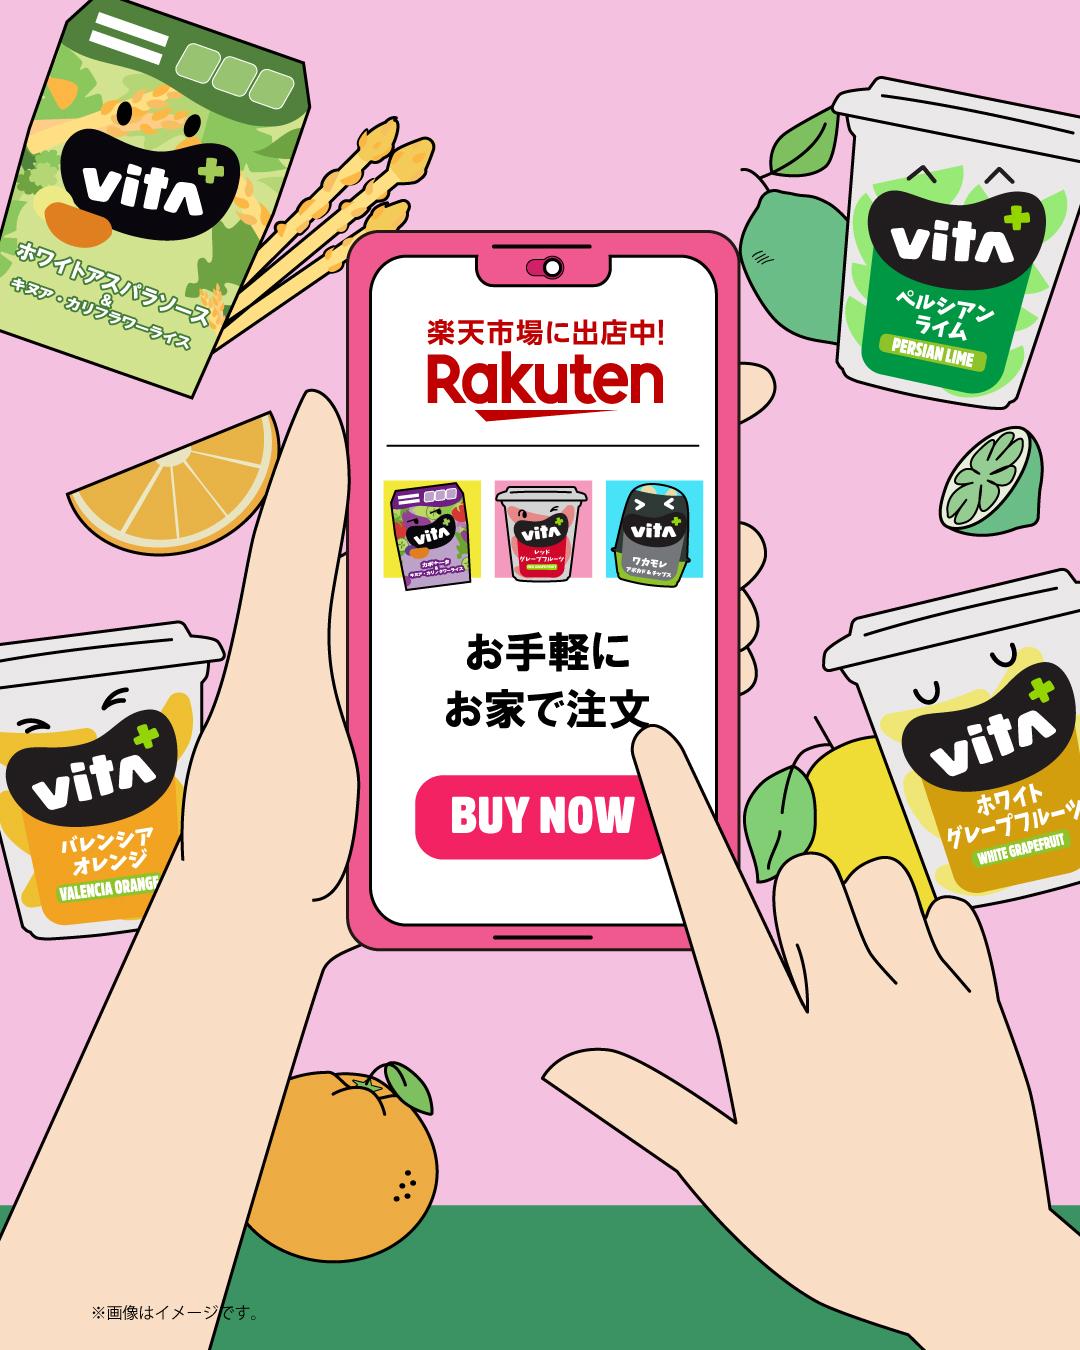 Vita+ series are now also available at Rakuten Ichiba